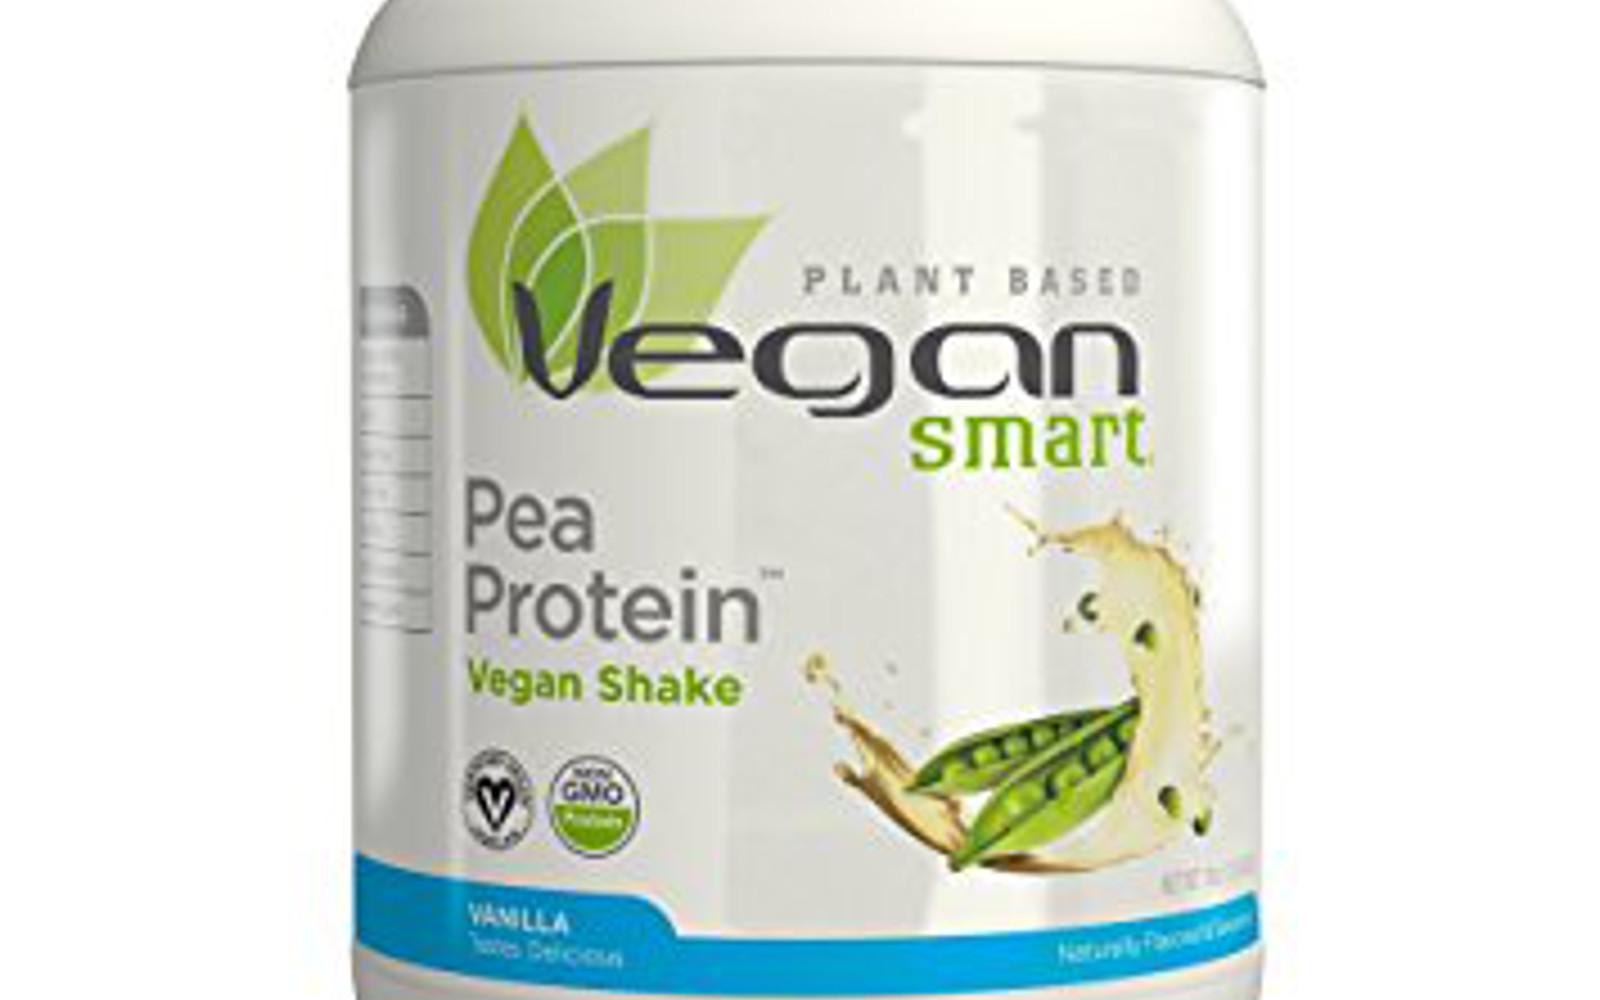 Naturade VeganSmart Pea Protein Vanilla, 19 Ounce